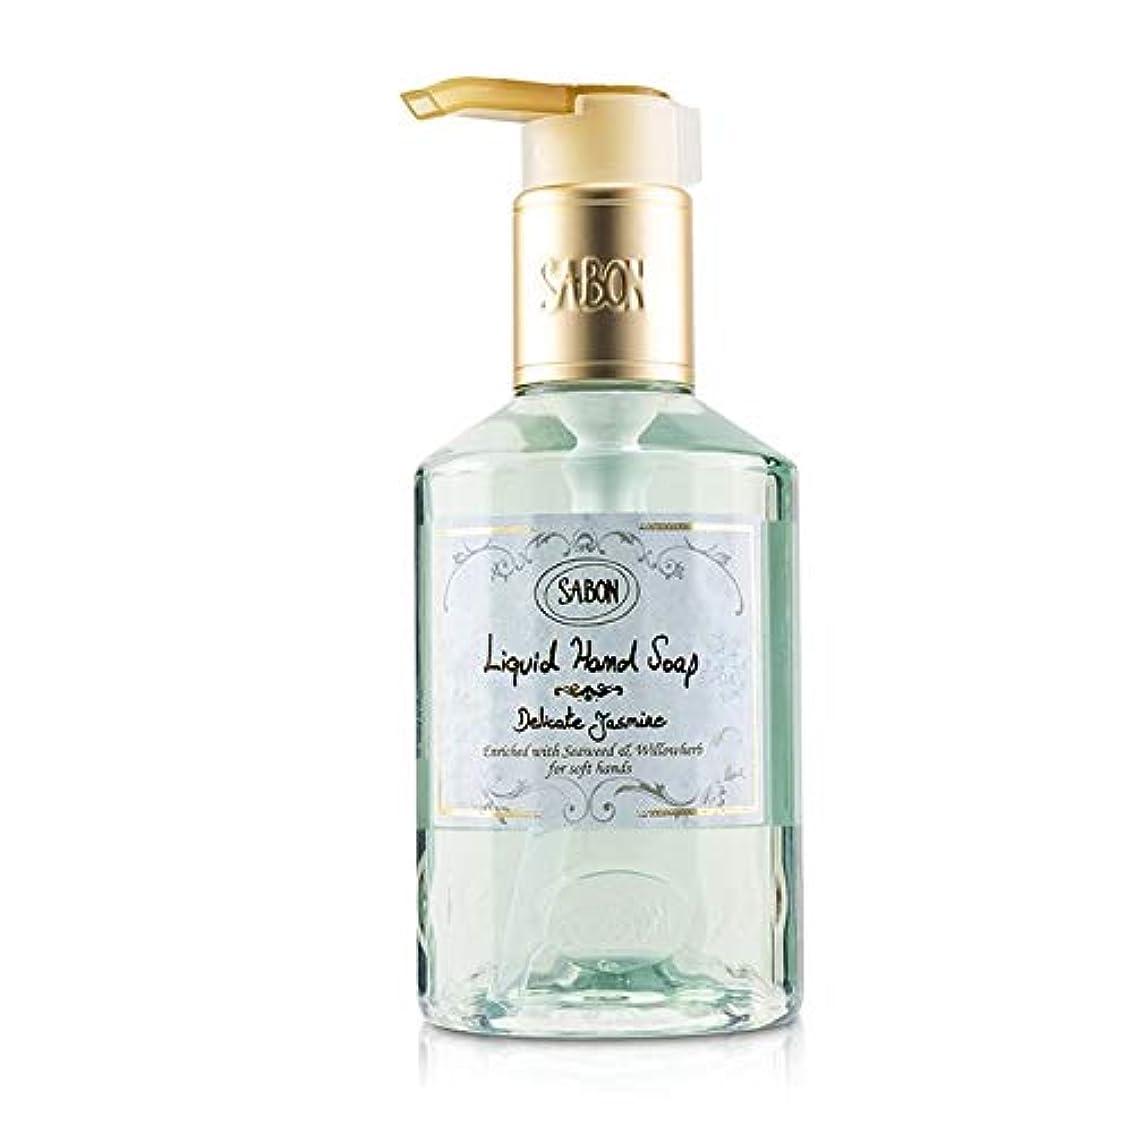 シンポジウムコア休憩サボン Liquid Hand Soap - Delicate Jasmine 200ml/7oz並行輸入品